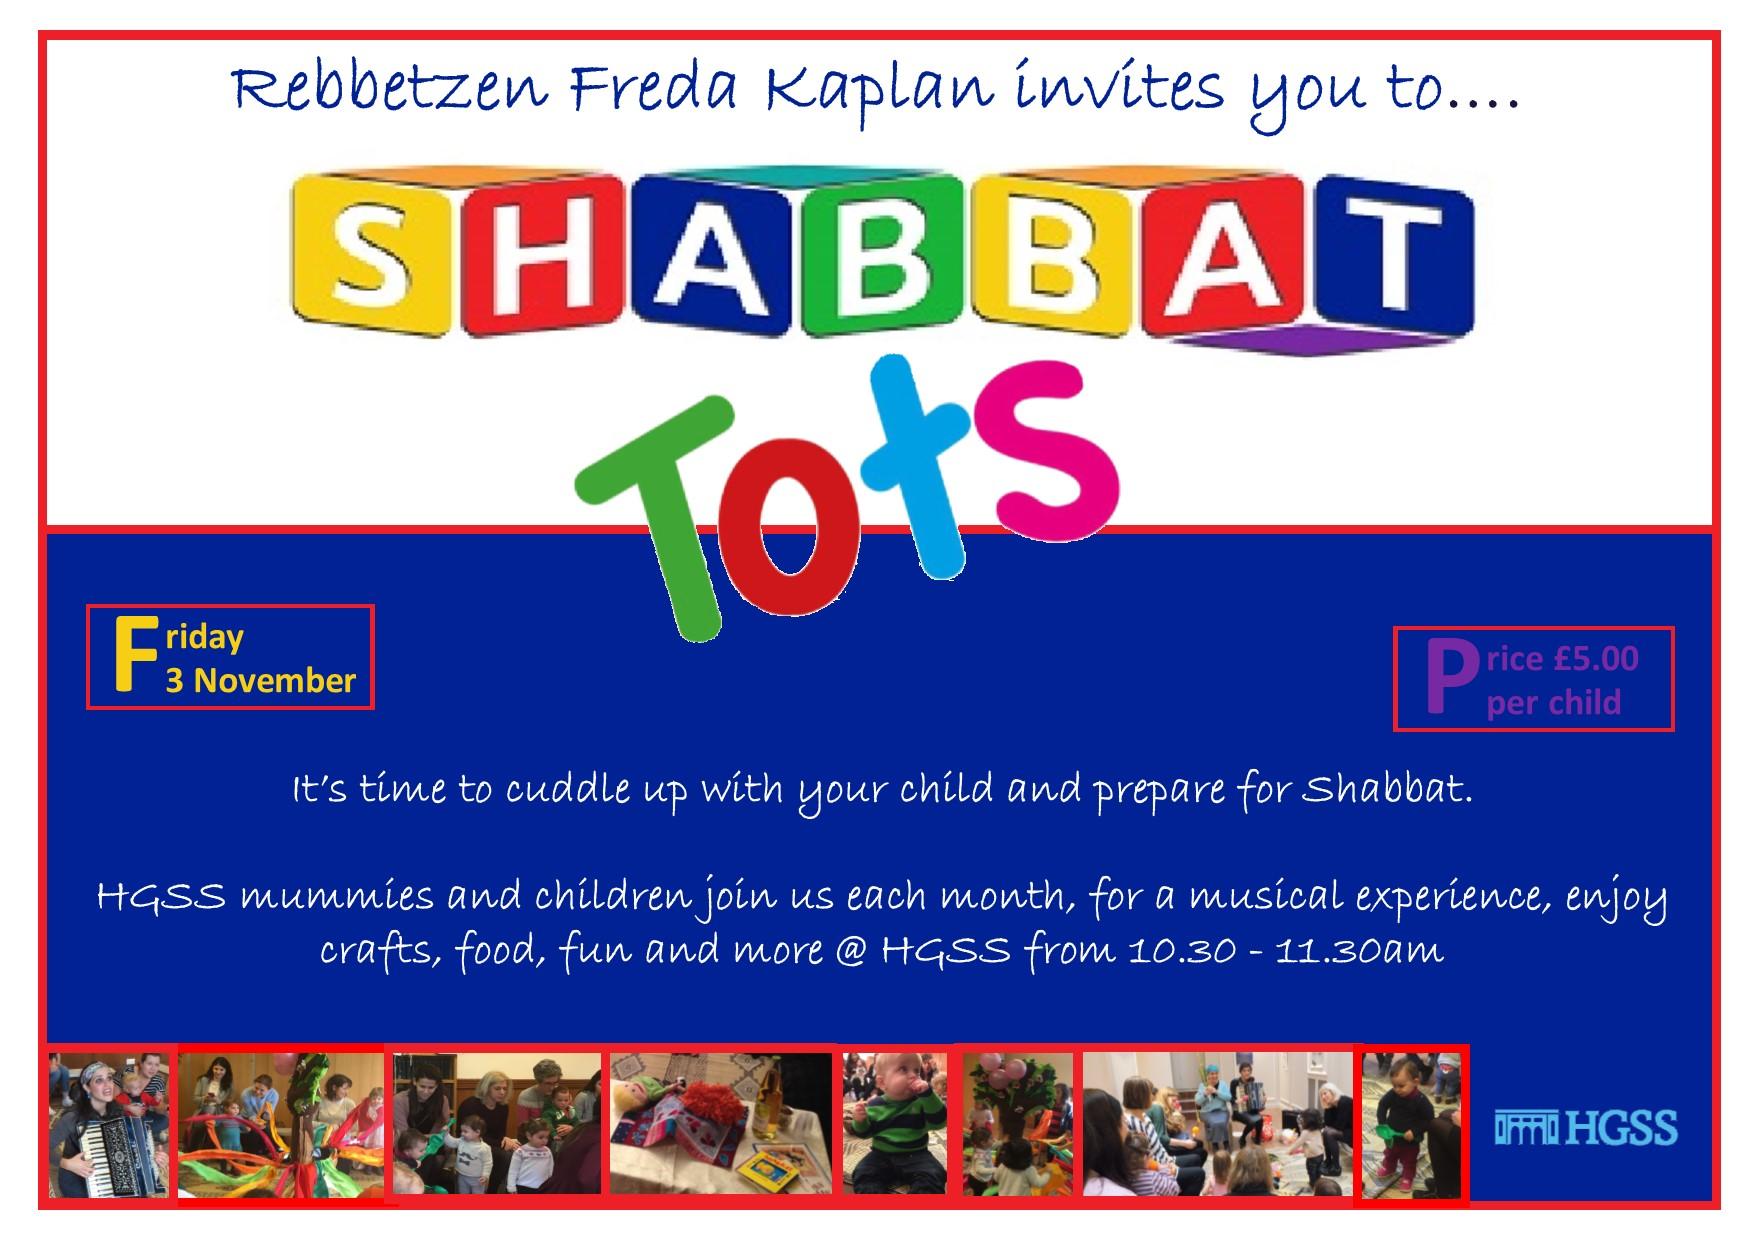 Shabbat Tots @ Max Weinbaum Hall